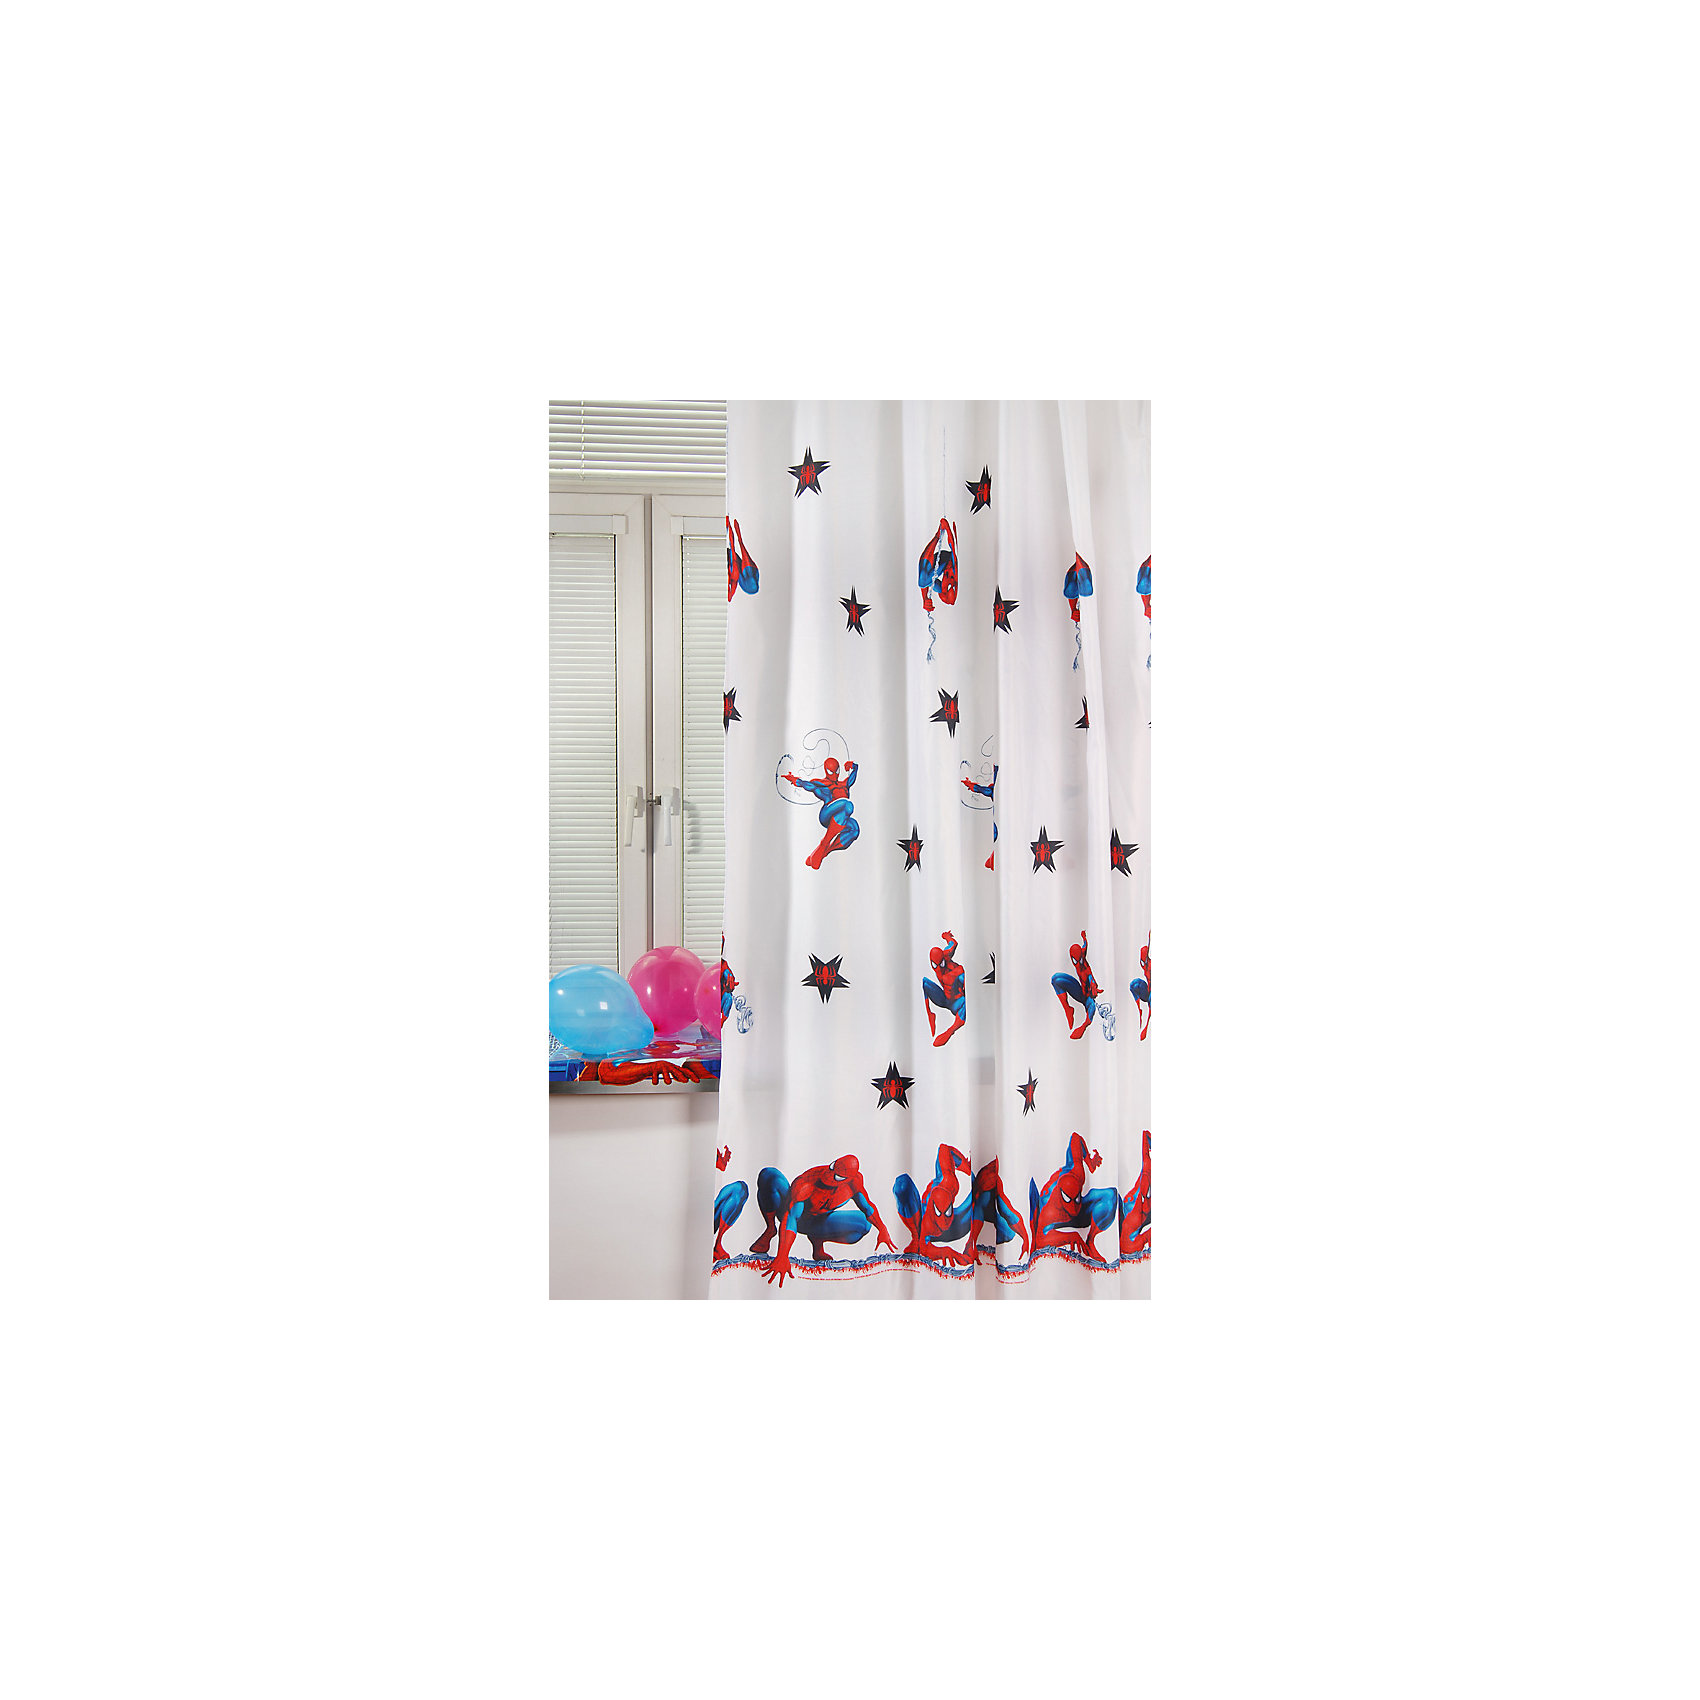 Белая портьера Человек-Паук 200 * 265 (высота) смПортьера с изображениями Человека - Паука наполнит комнату ребенка светом и придаст ей оригинальность. Портьера прекрасно впишется в интерьер детской. Изделие выполнено из высококачественных материалов, в производстве которых используются качественные  красители, что позволяет  сохранять яркость цвета на протяжении всего времени эксплуатации.<br><br>Дополнительная информация:<br><br>- Материал: 100% полиэфир.<br>- Размер: 200х265 (высота) см.<br>- Не мнется. <br>- Не выцветает.<br><br>Белую портьеру Человек-Паук  (Spider - man) 200 х 265 (высота) см, можно купить в нашем магазине.<br><br>Ширина мм: 250<br>Глубина мм: 30<br>Высота мм: 340<br>Вес г: 1100<br>Возраст от месяцев: 36<br>Возраст до месяцев: 144<br>Пол: Мужской<br>Возраст: Детский<br>SKU: 4342102